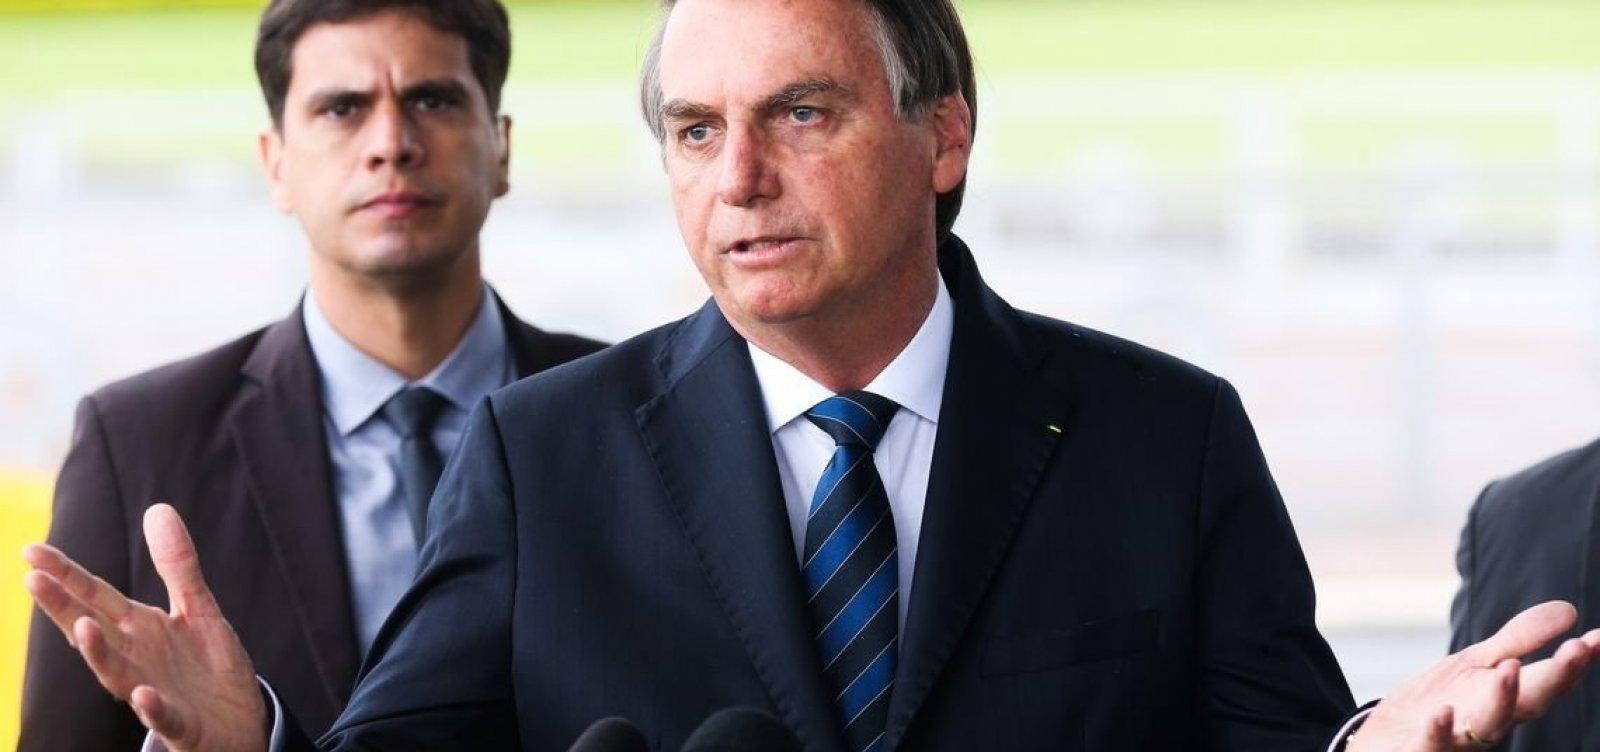 Resultado de imagem para Apoio à democracia cai no primeiro ano do governo Bolsonaro, diz Datafolha